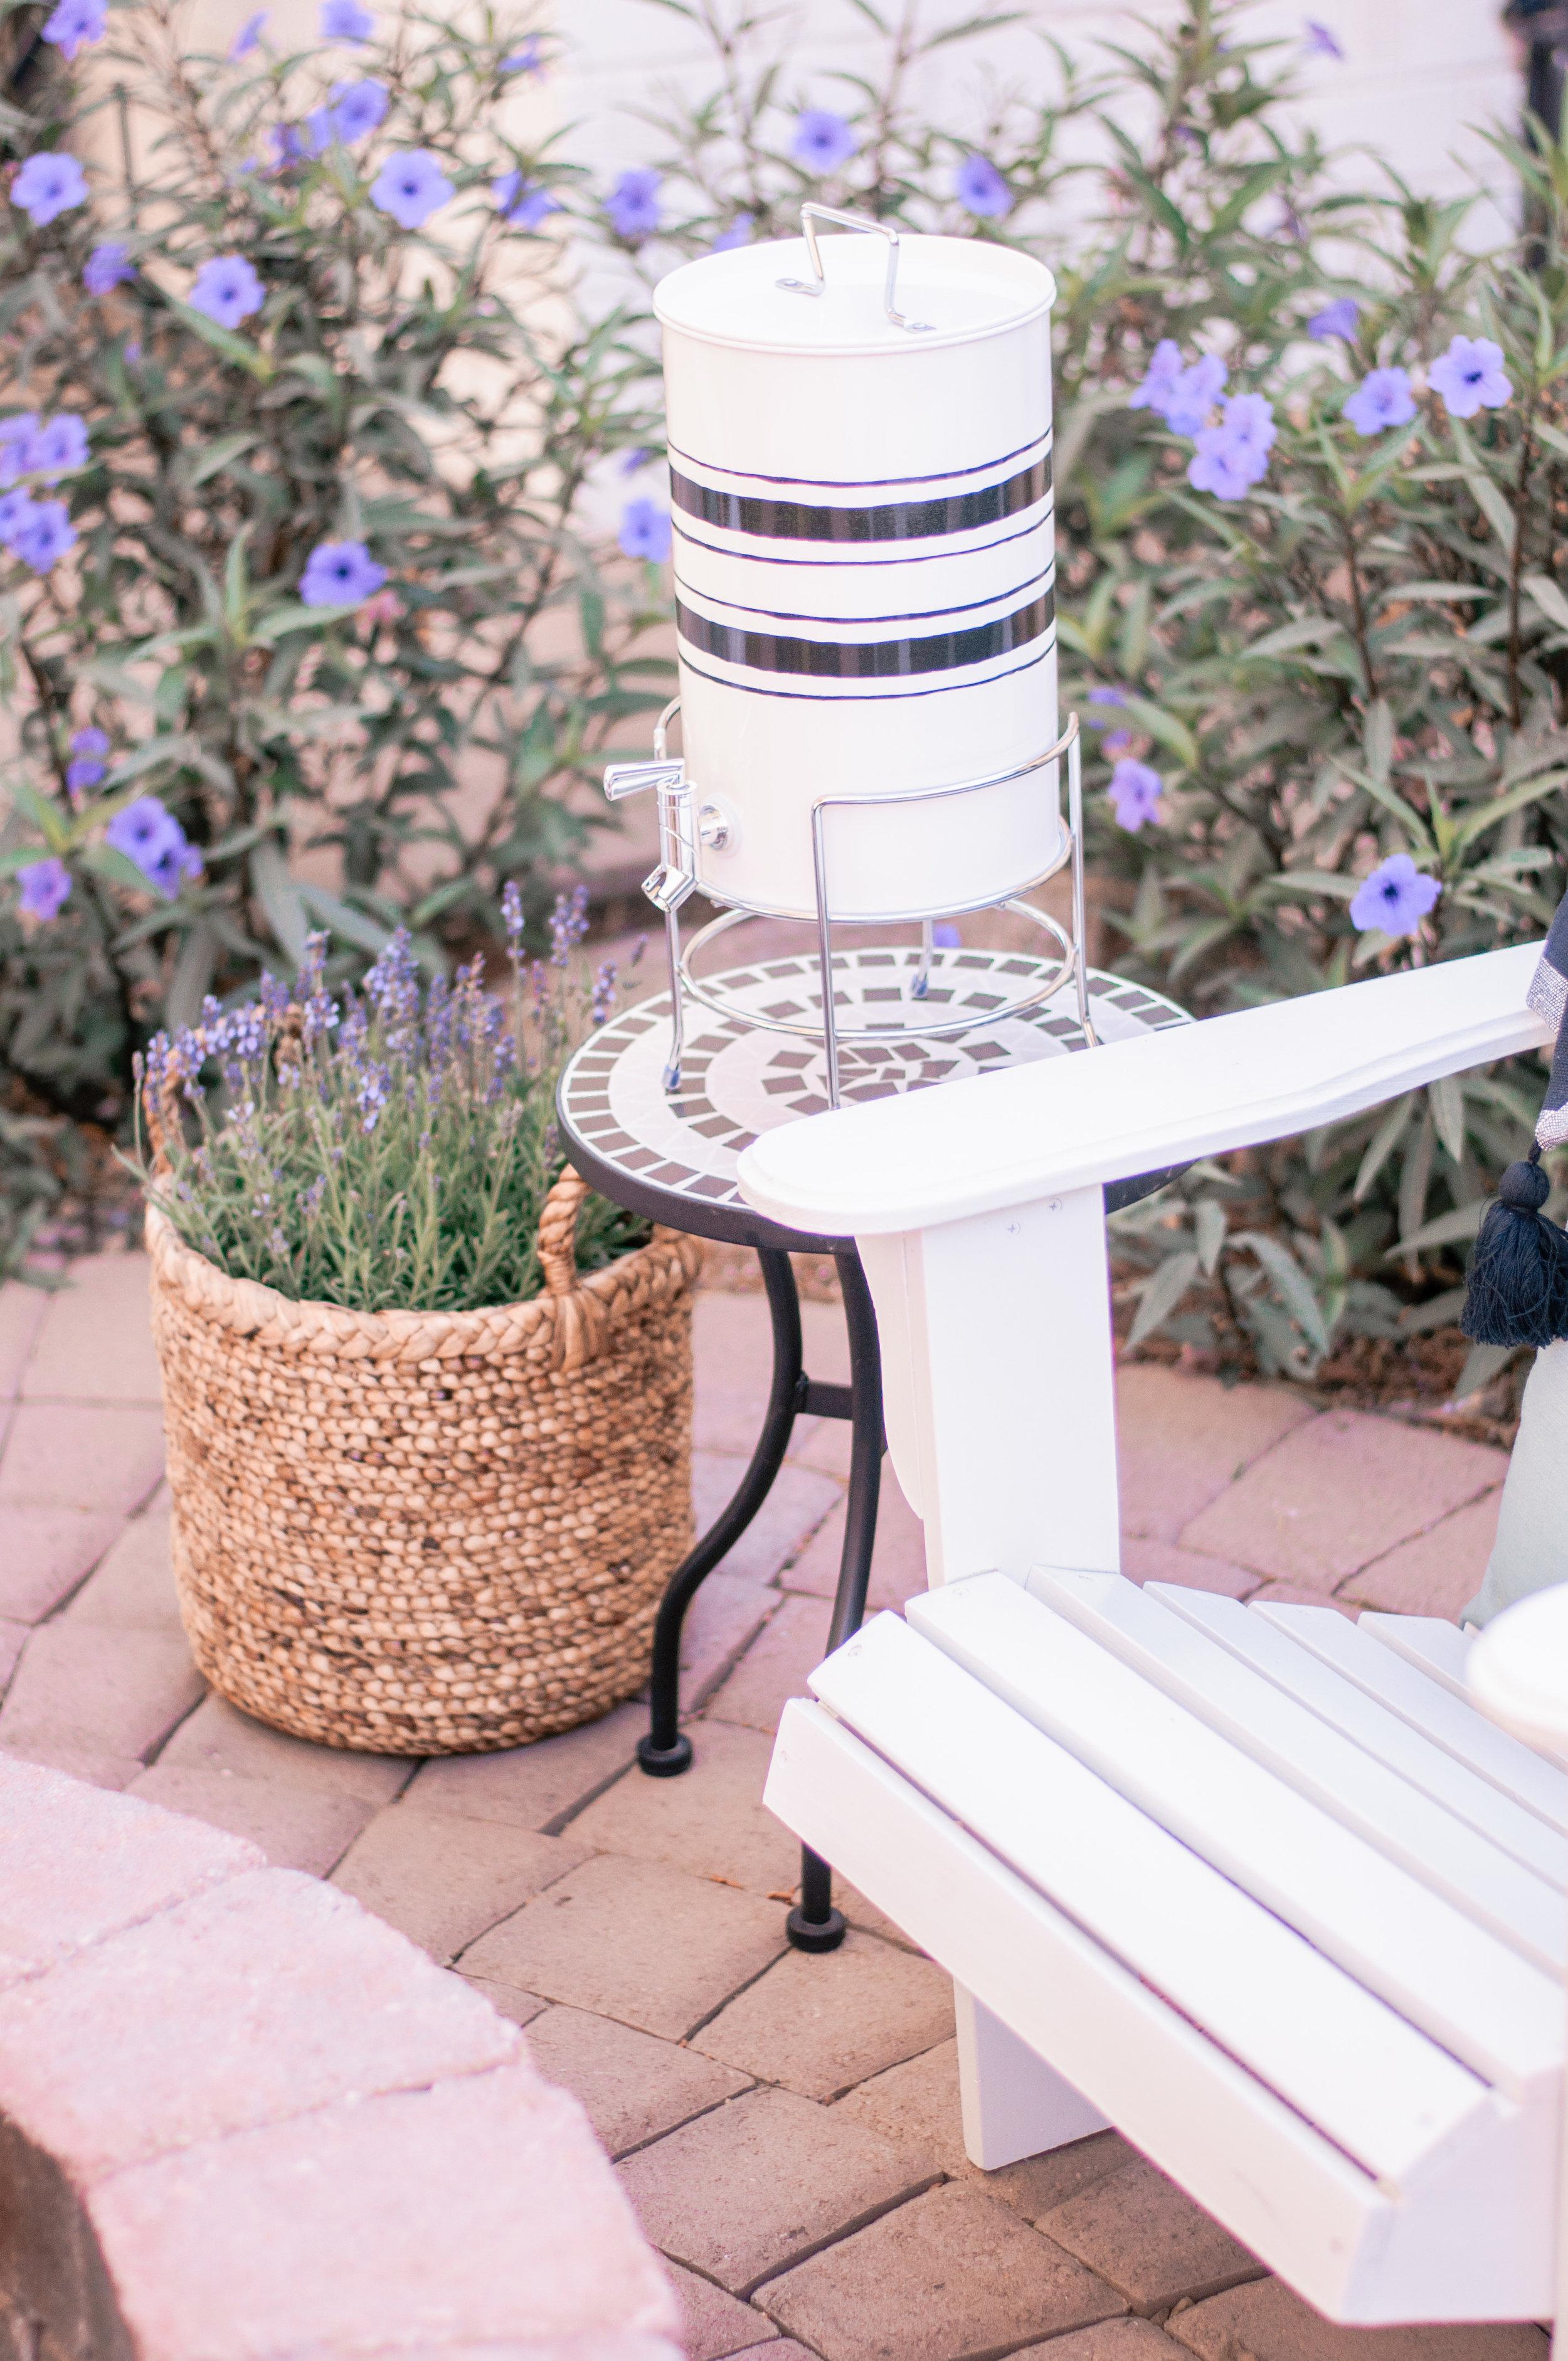 Creative Outdoor Backyard Patio Firepit Area Ideas